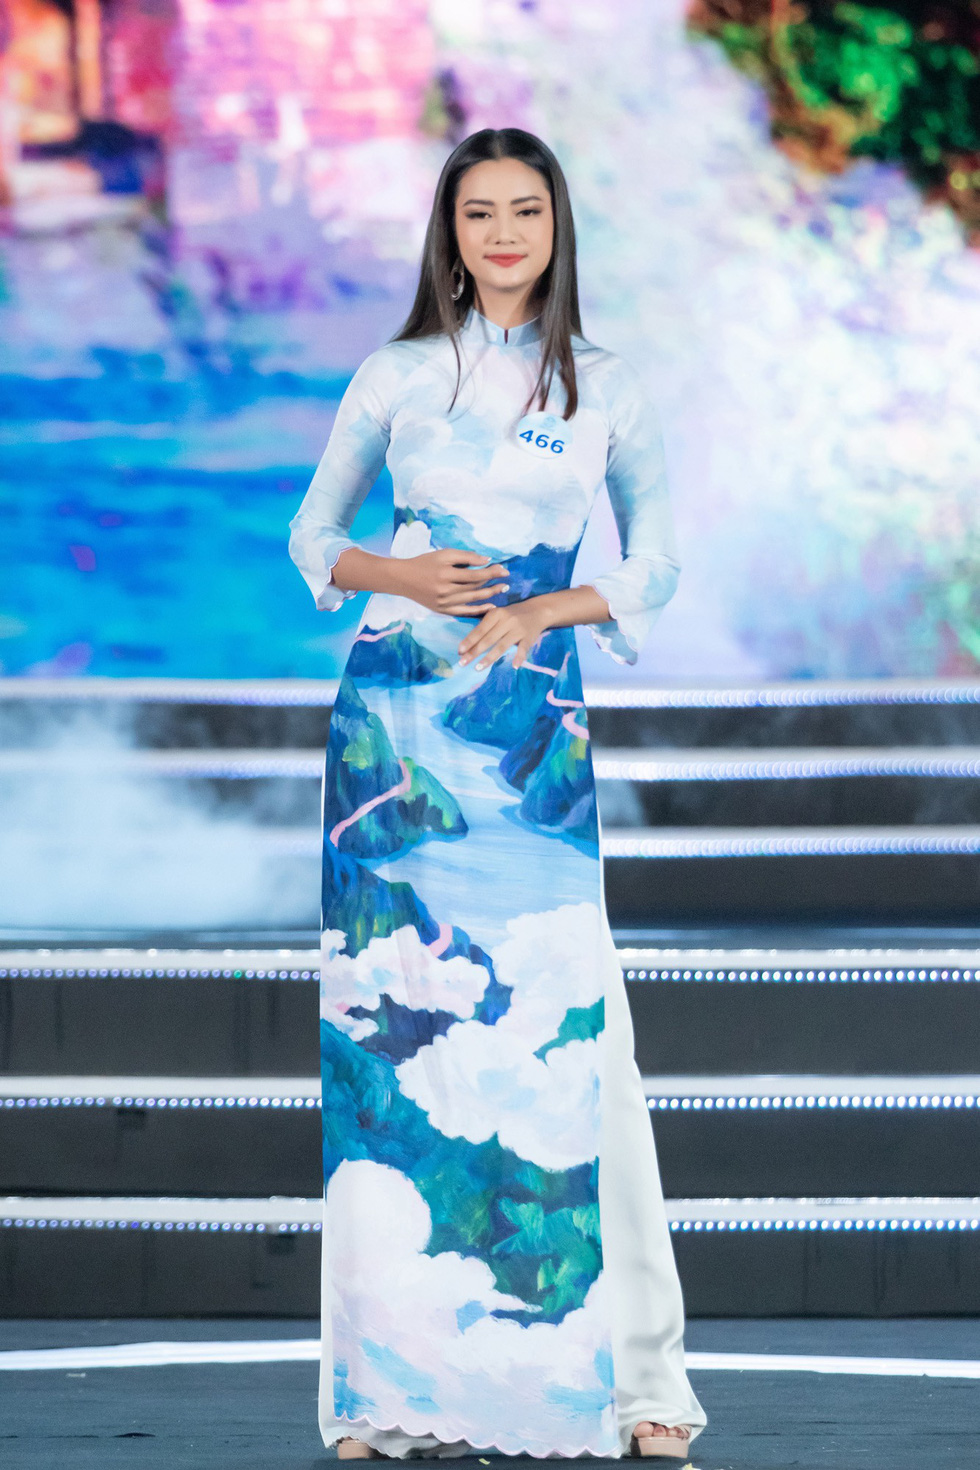 Bộ sưu tập áo dài đèo Hải Vân giúp Lương Thùy Linh đăng quang - Ảnh 9.